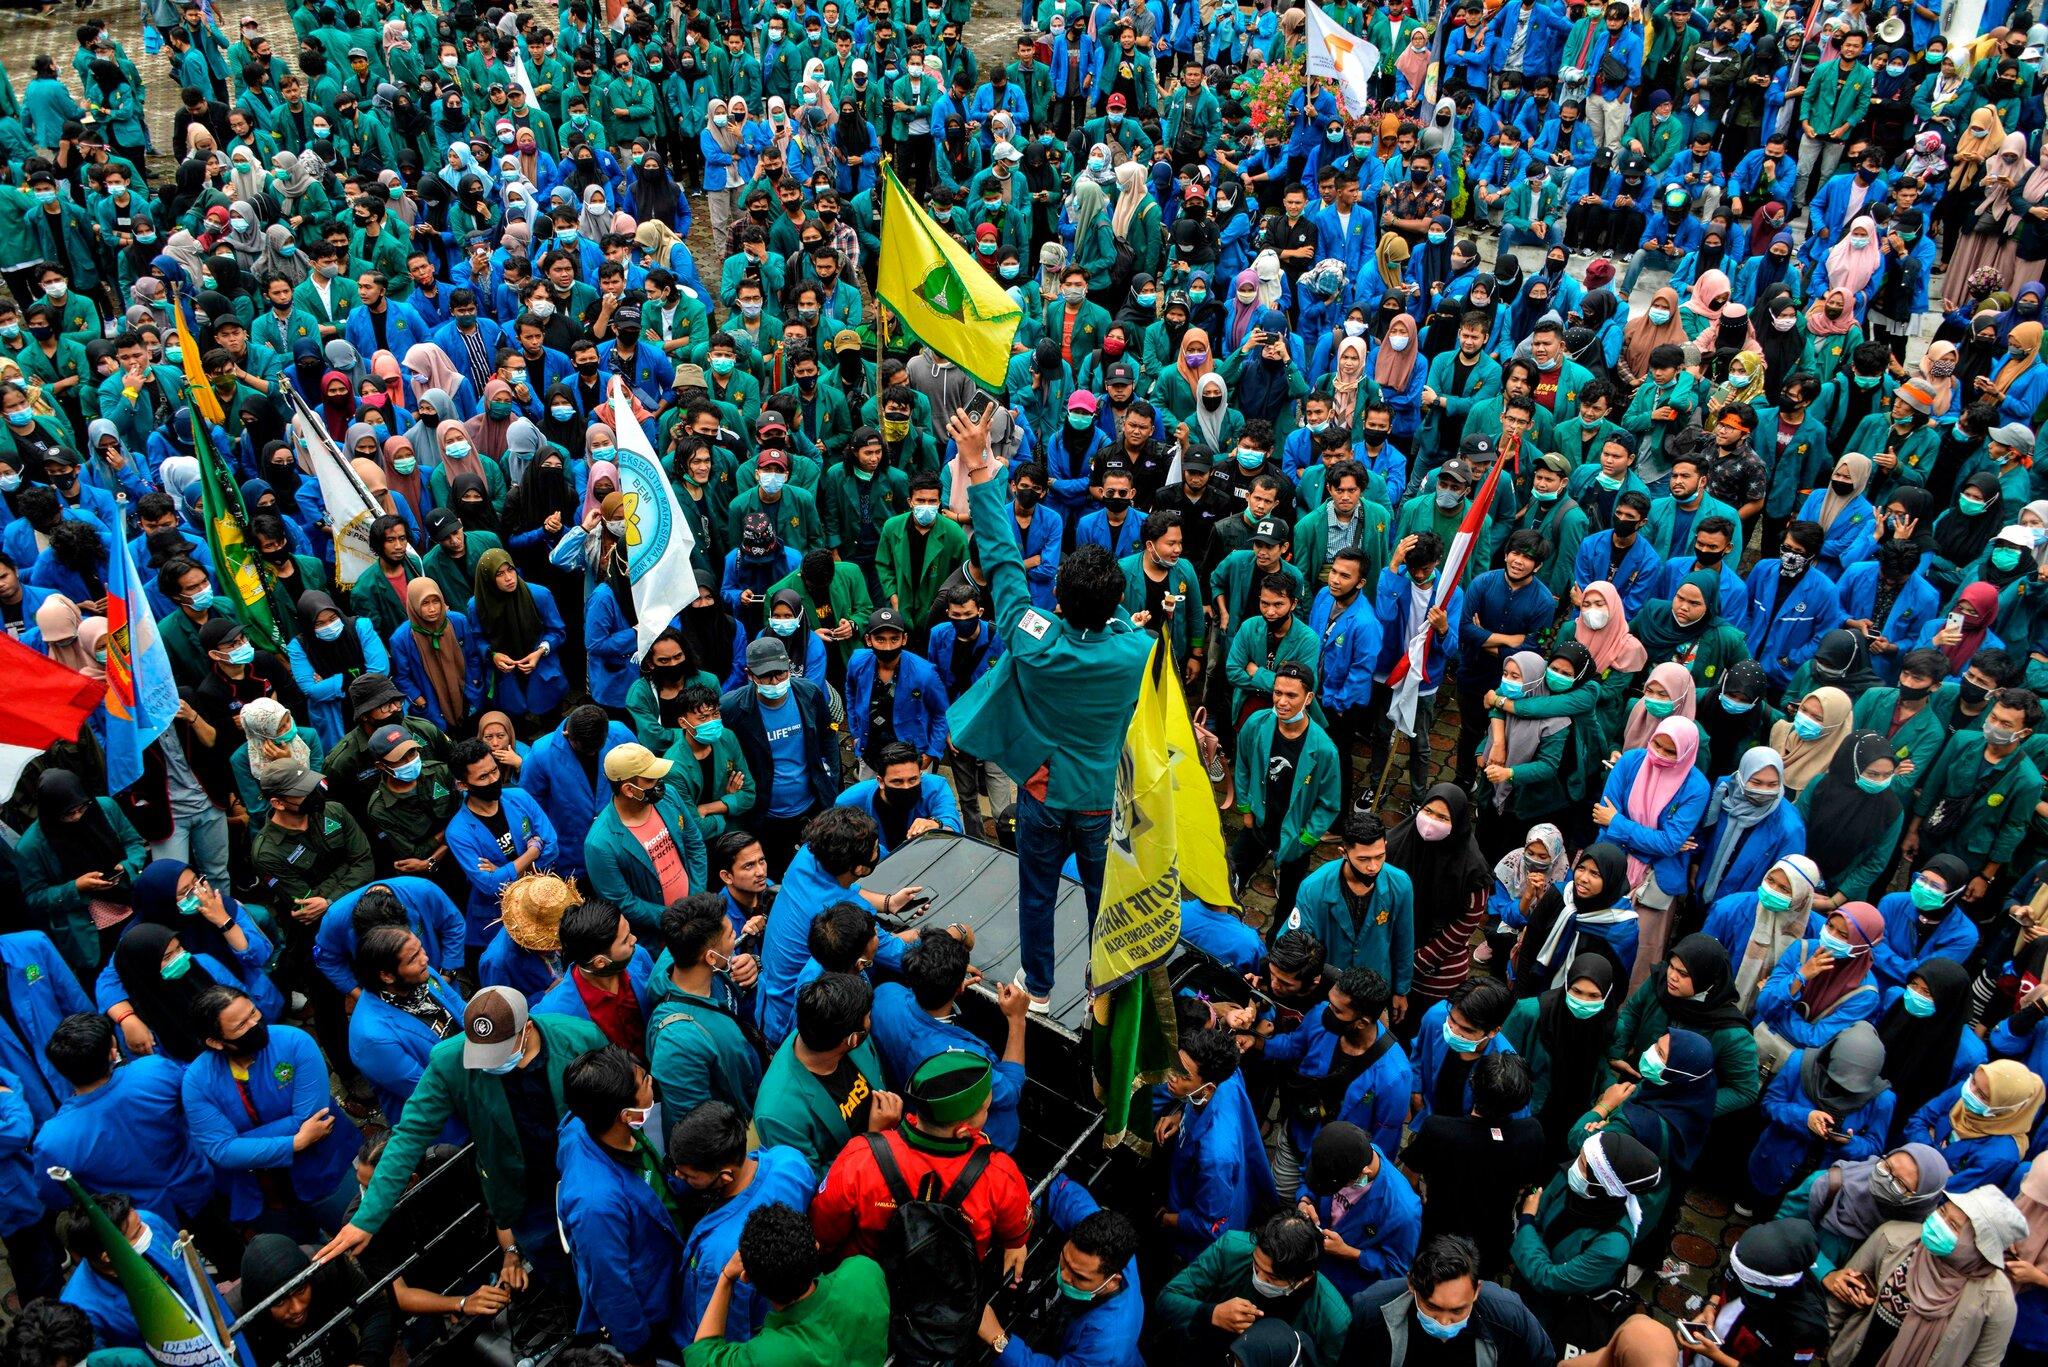 معترضان به قانون کار در خیابانهای اندونزی